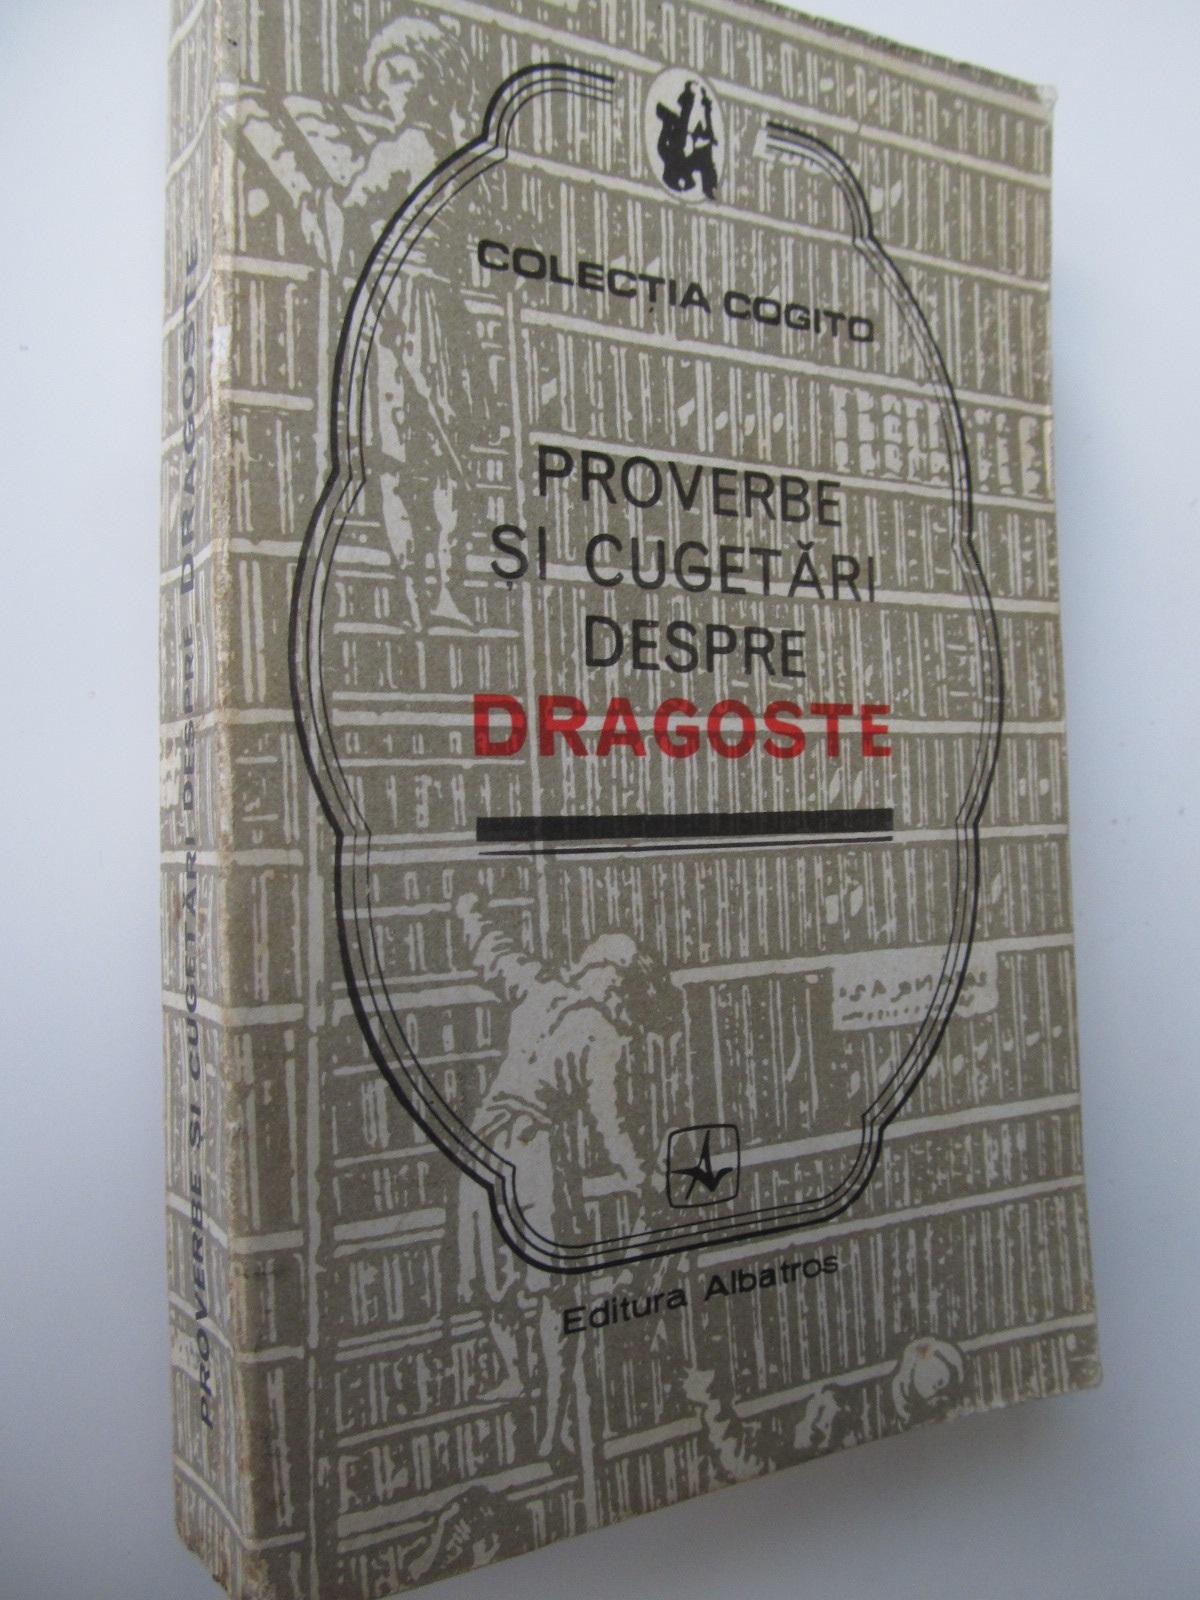 Proverbe si cugetari despre dragoste - Culese de Mircea M. Duduleanu | Detalii carte